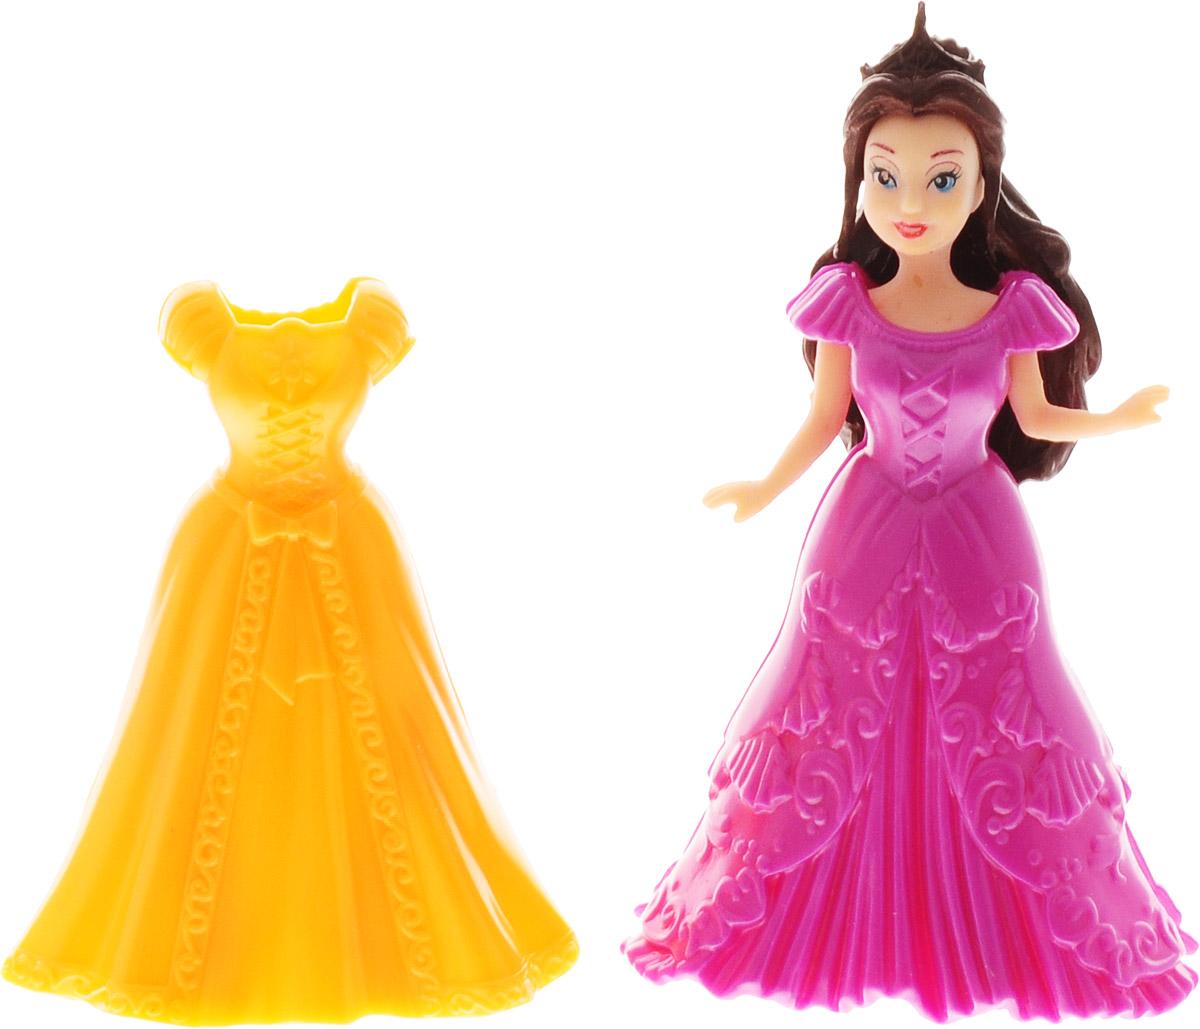 1TOY Мини-кукла Красотка цвет платья оранжевый фиолетовый